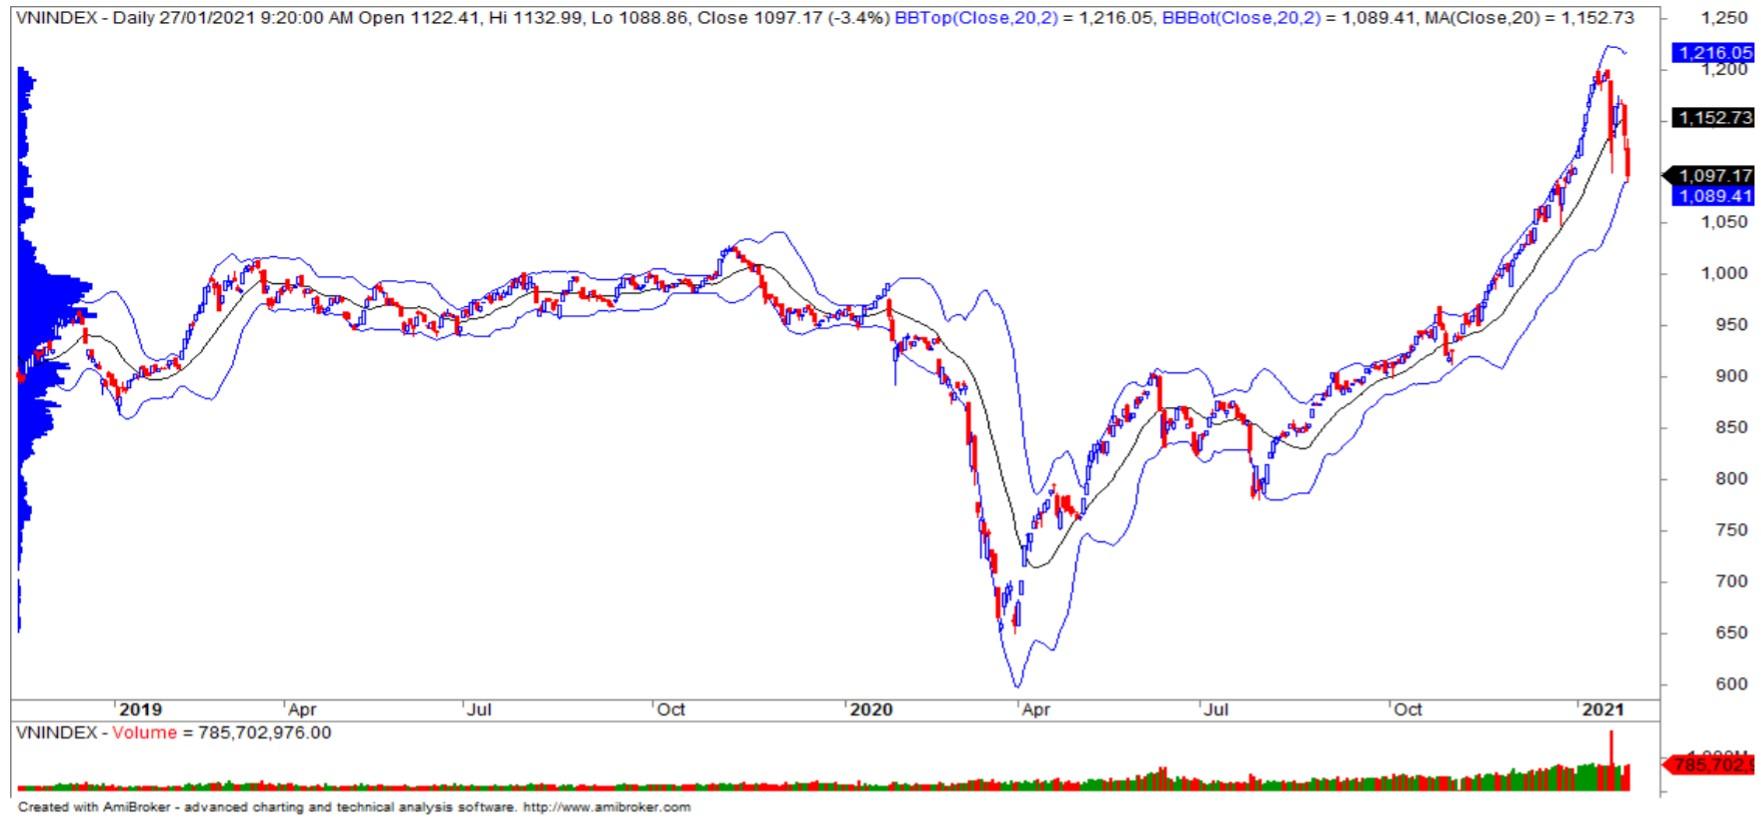 Nhận định thị trường chứng khoán ngày 28/1: VN-Index giảm tiếp về ngưỡng 1.080 điểm? - Ảnh 1.